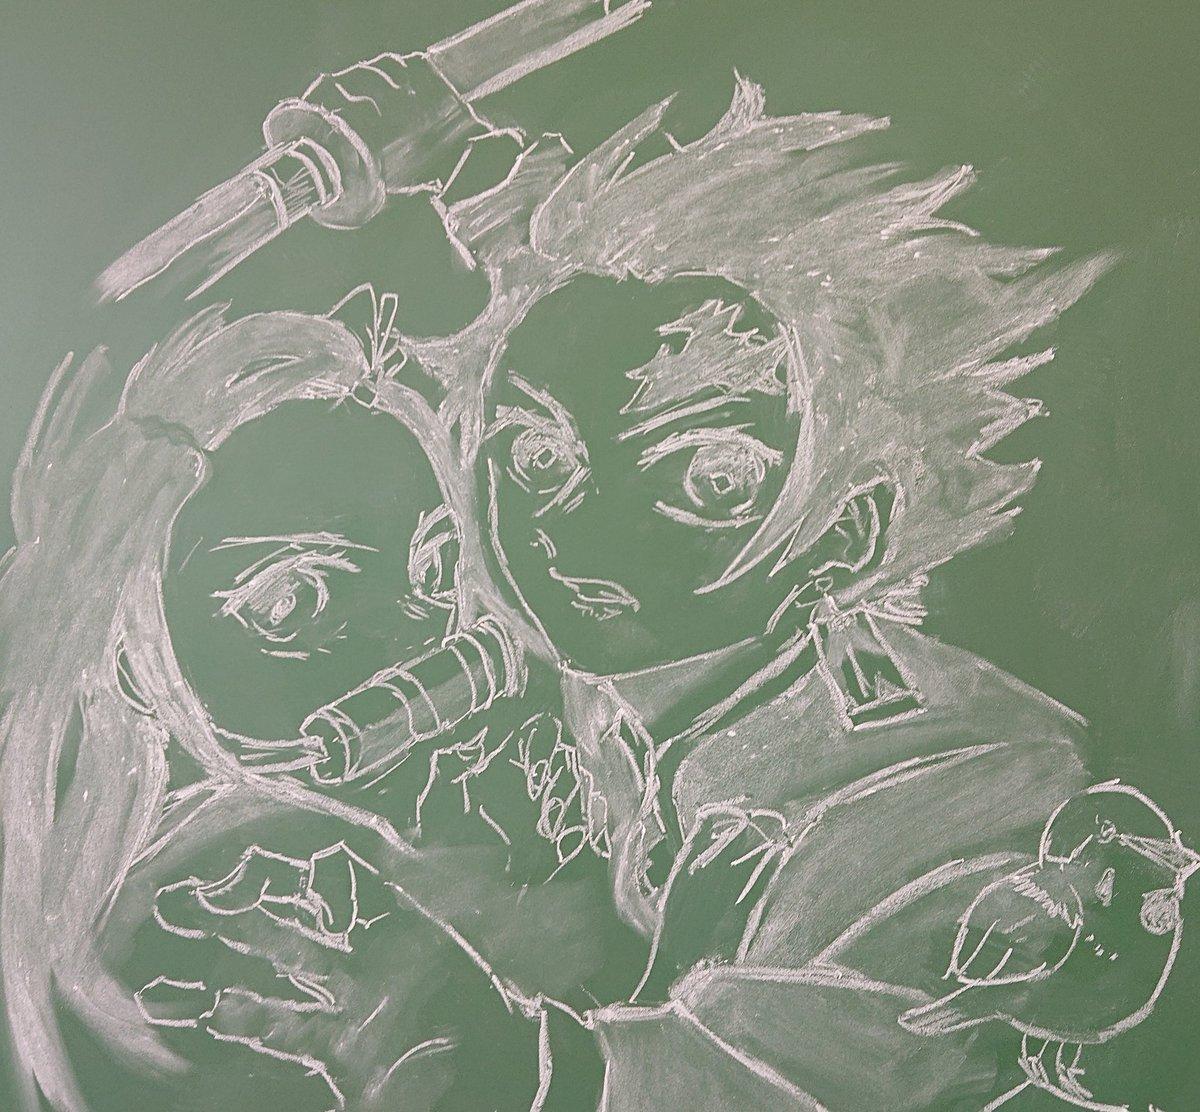 鬼滅の刃の黒板アート(キャラコラボ):竈門炭治郎、竈門禰豆子